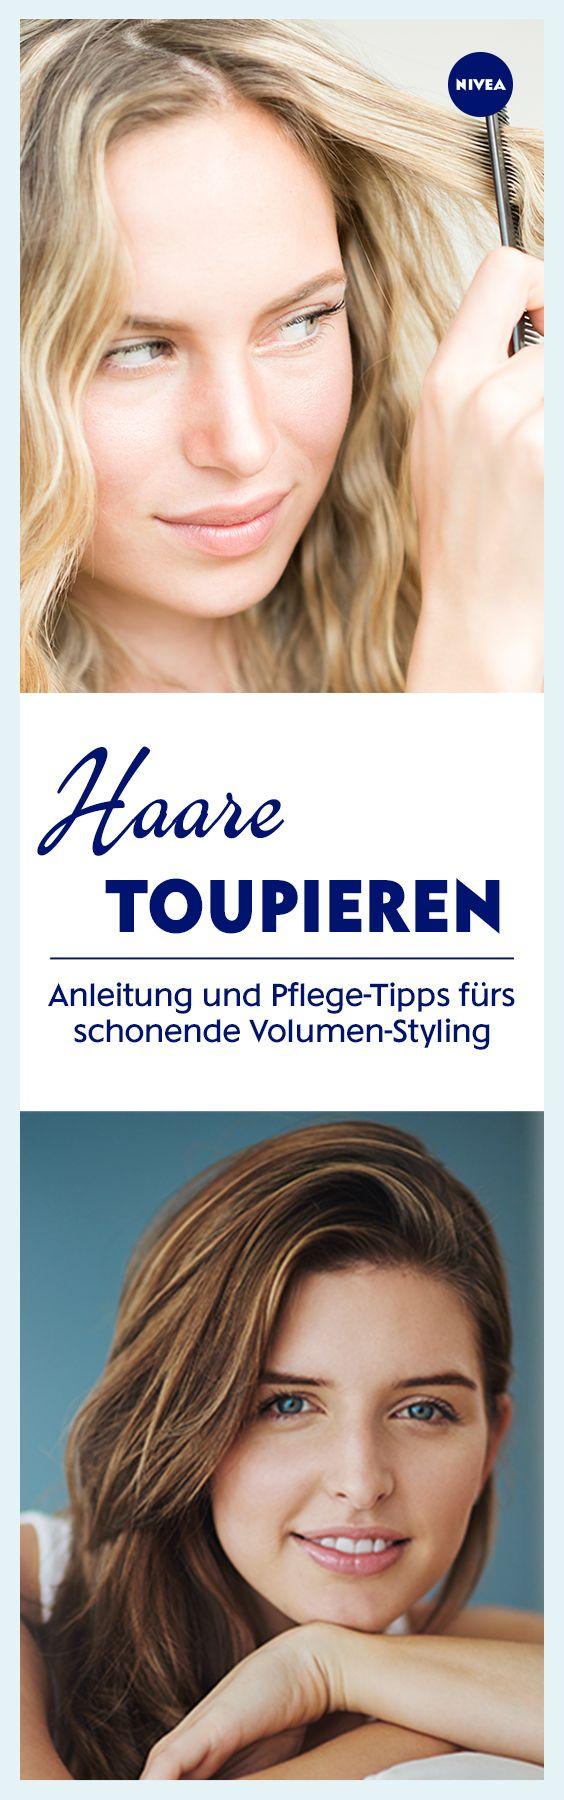 Mehr Volumen gewünscht? Toupieren hilft, kann aber die Haare kaputt machen. Das muss nicht sein: Mit diesen Tipps könnt ihr eure Haare auf sanfte Weise toupieren und so der Lieblingsfrisur mehr Fülle verleihen.-t